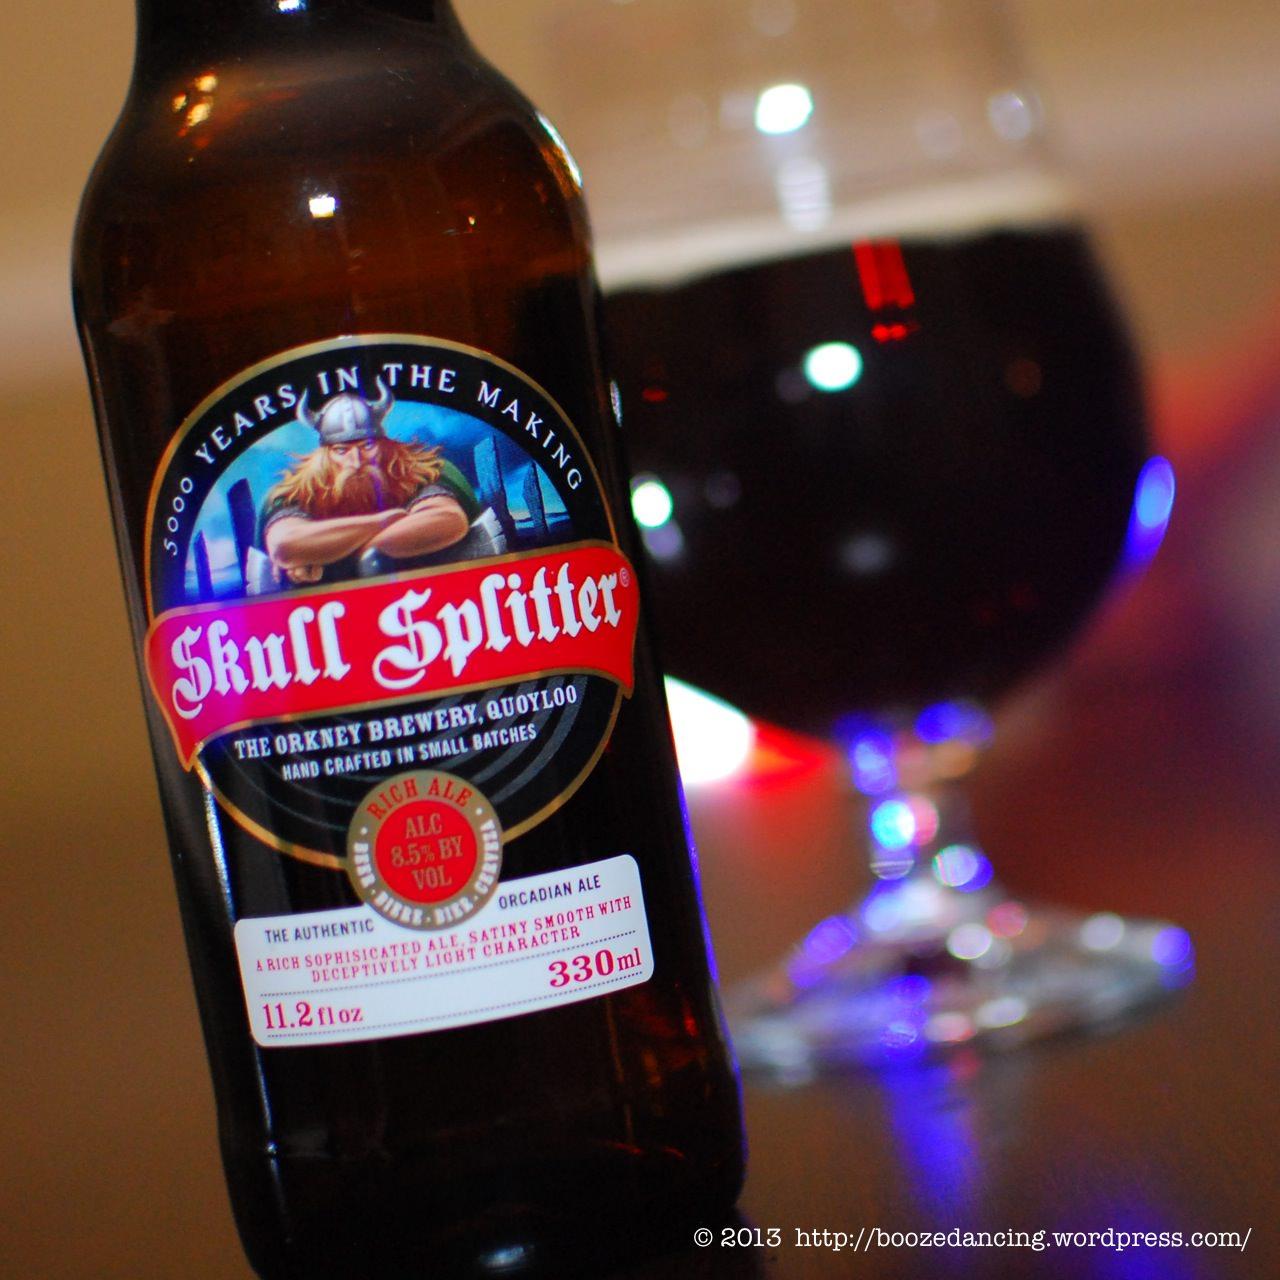 the-orkney-brewery-skullsplitter